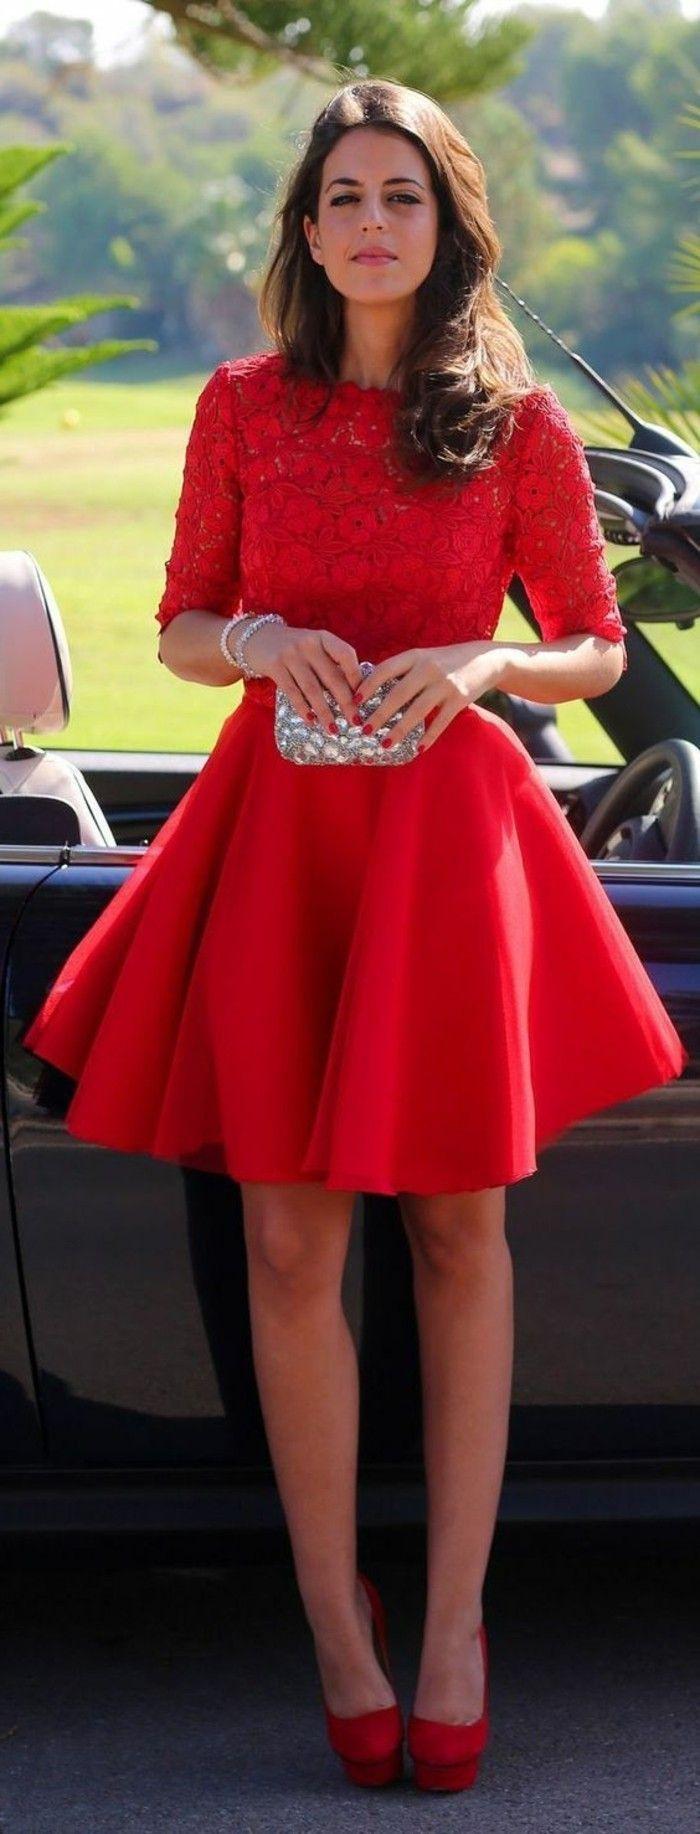 15 Fantastisch Rotes Kleid Kurz Spezialgebiet20 Schön Rotes Kleid Kurz Bester Preis